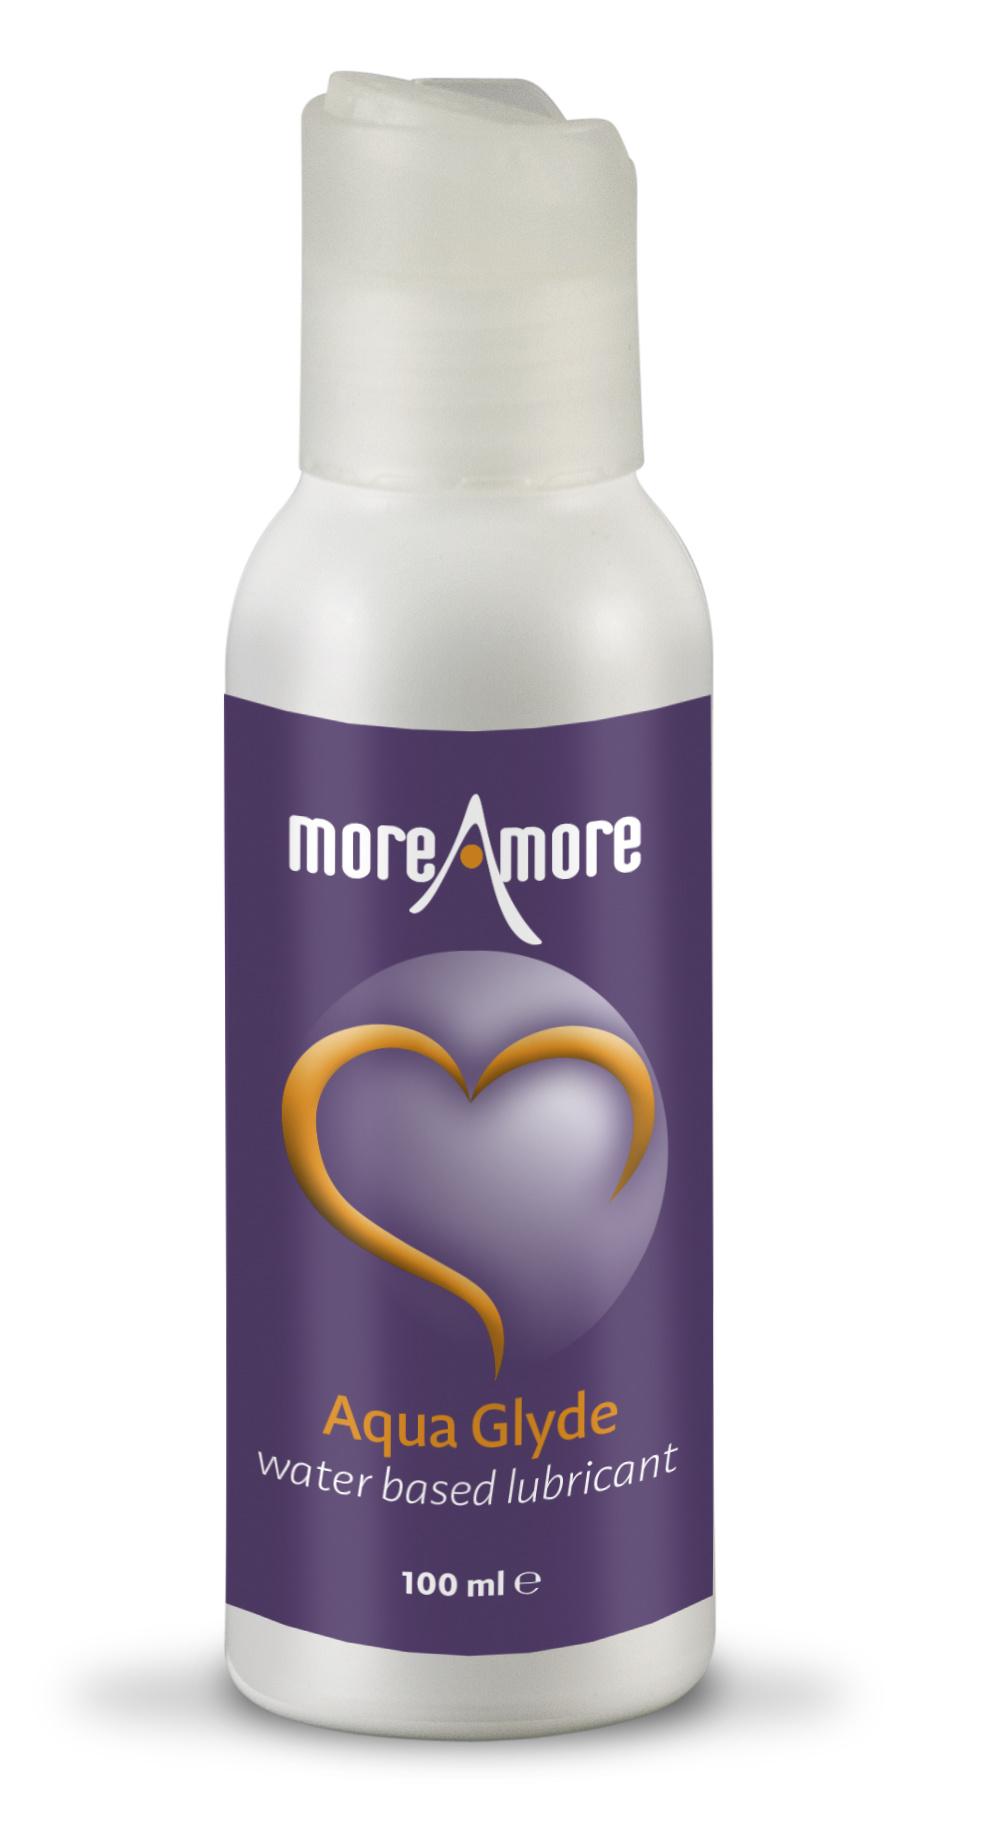 More Amore Aqua Glyde 100ml